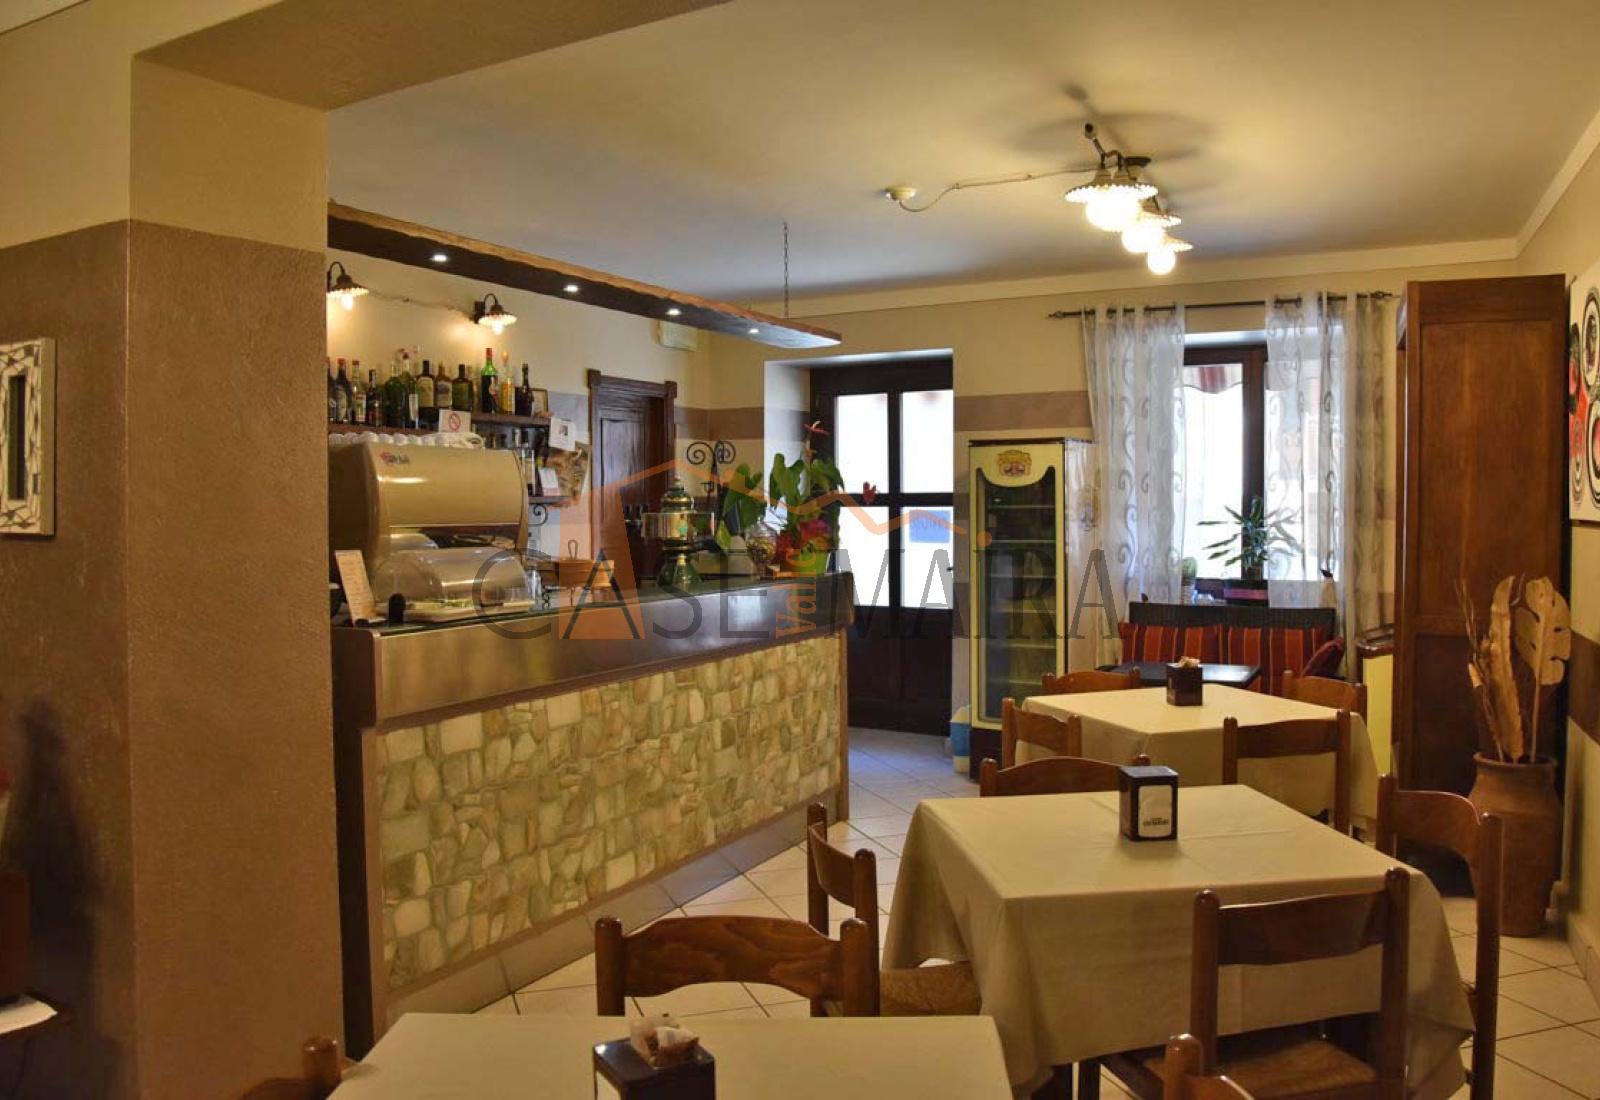 27 Via Roma, CARTIGNANO, 5 Stanze da Letto Stanze da Letto, ,Attivita' commerciale,In vendita,Via Roma,1037